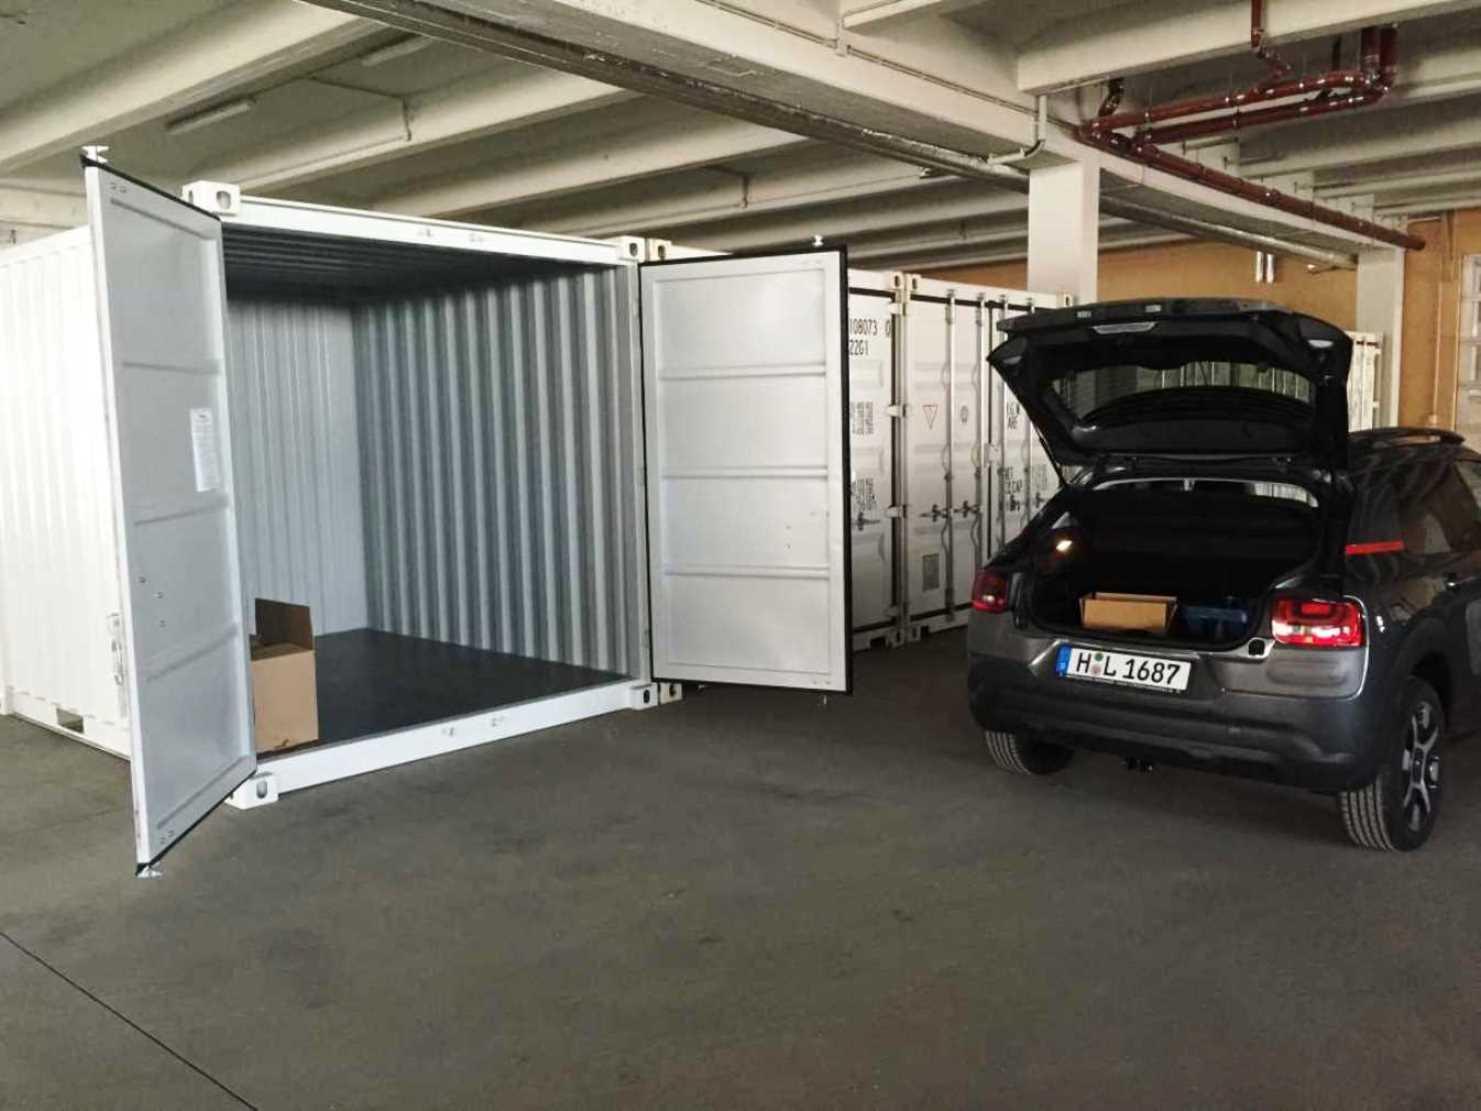 Mit dem Auto direkt vor einer Container Box be- und entladen